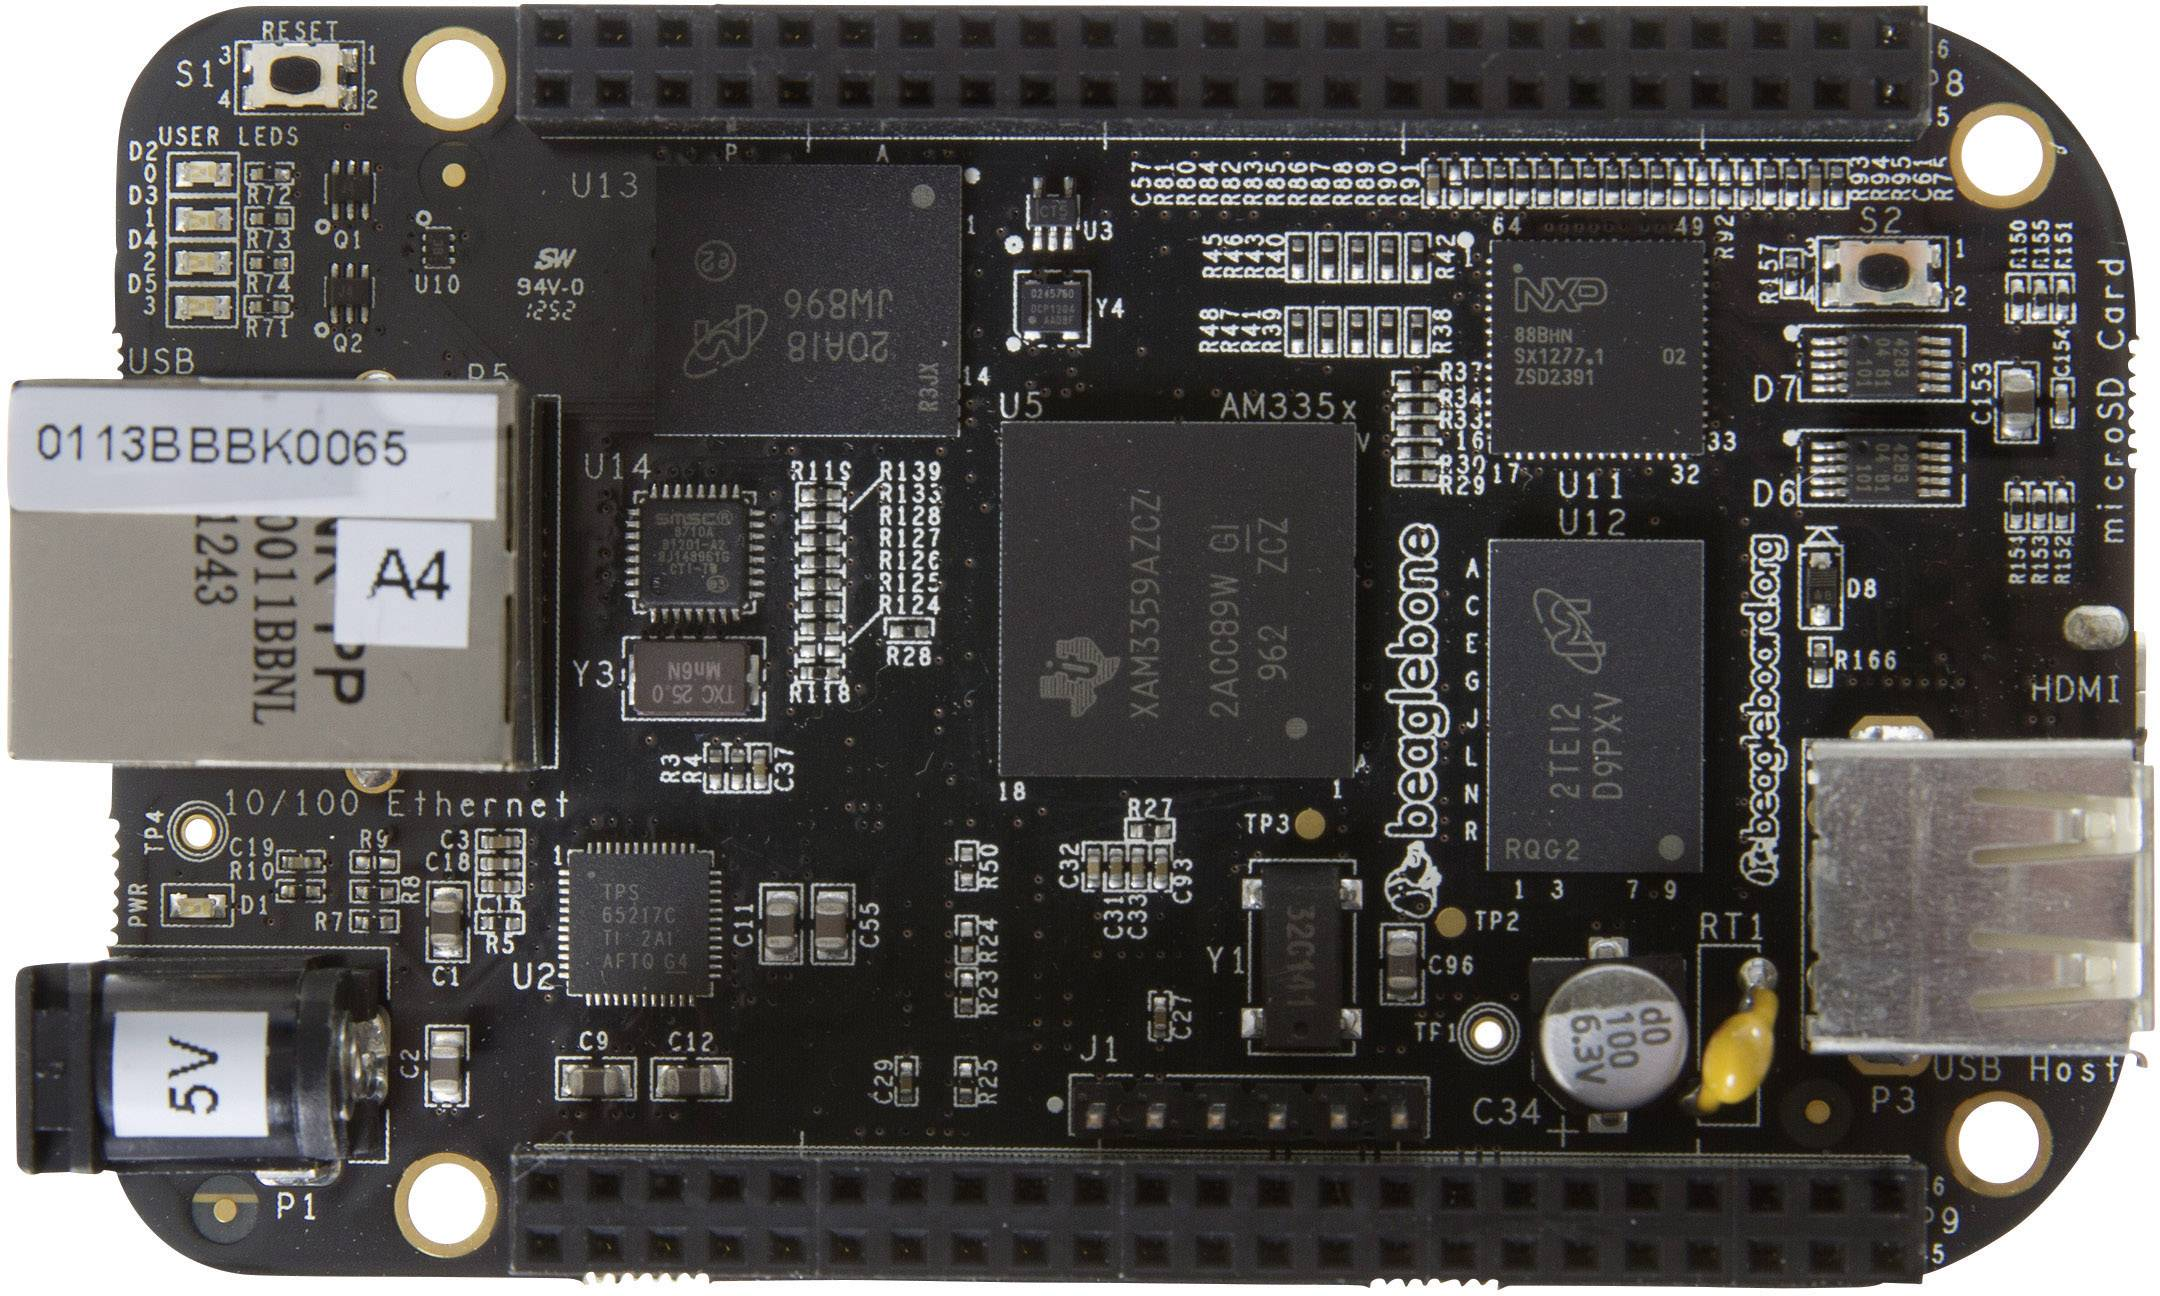 Vývojová deska BeagleBoard BeagleBone ver. C, BB-BBLK-000 Rev C